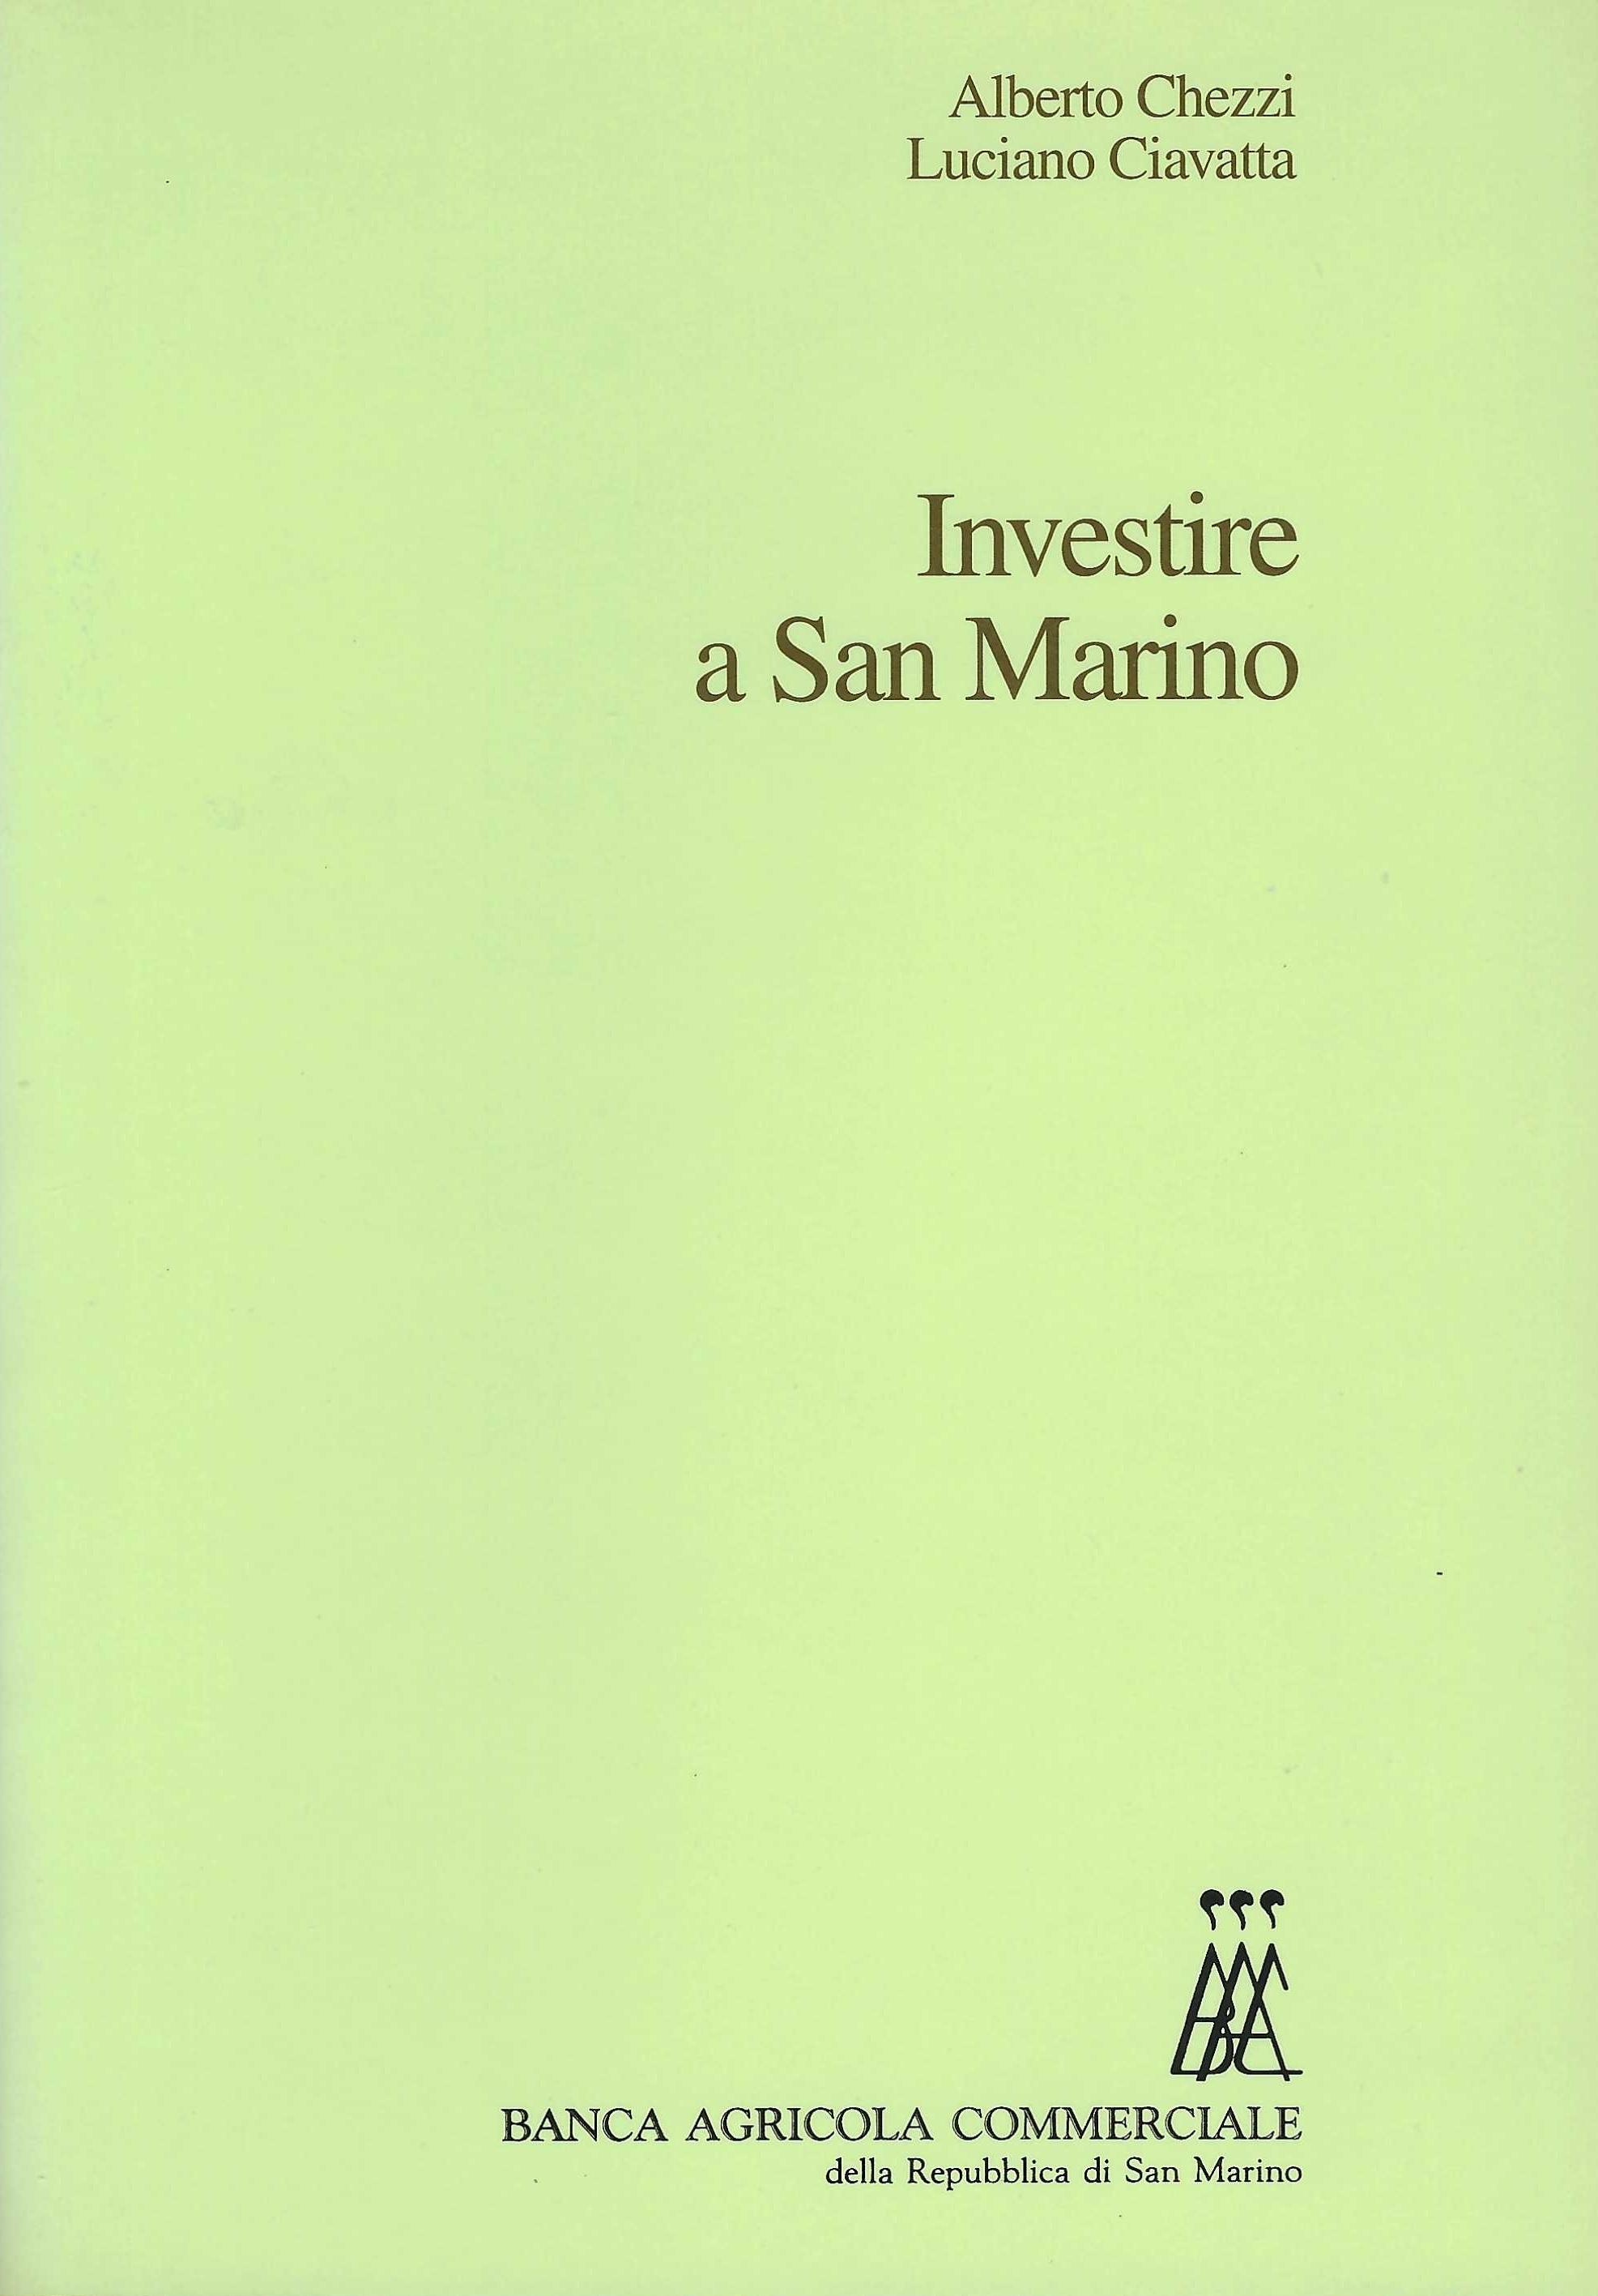 Investire a San Marino - Investing in San Marino